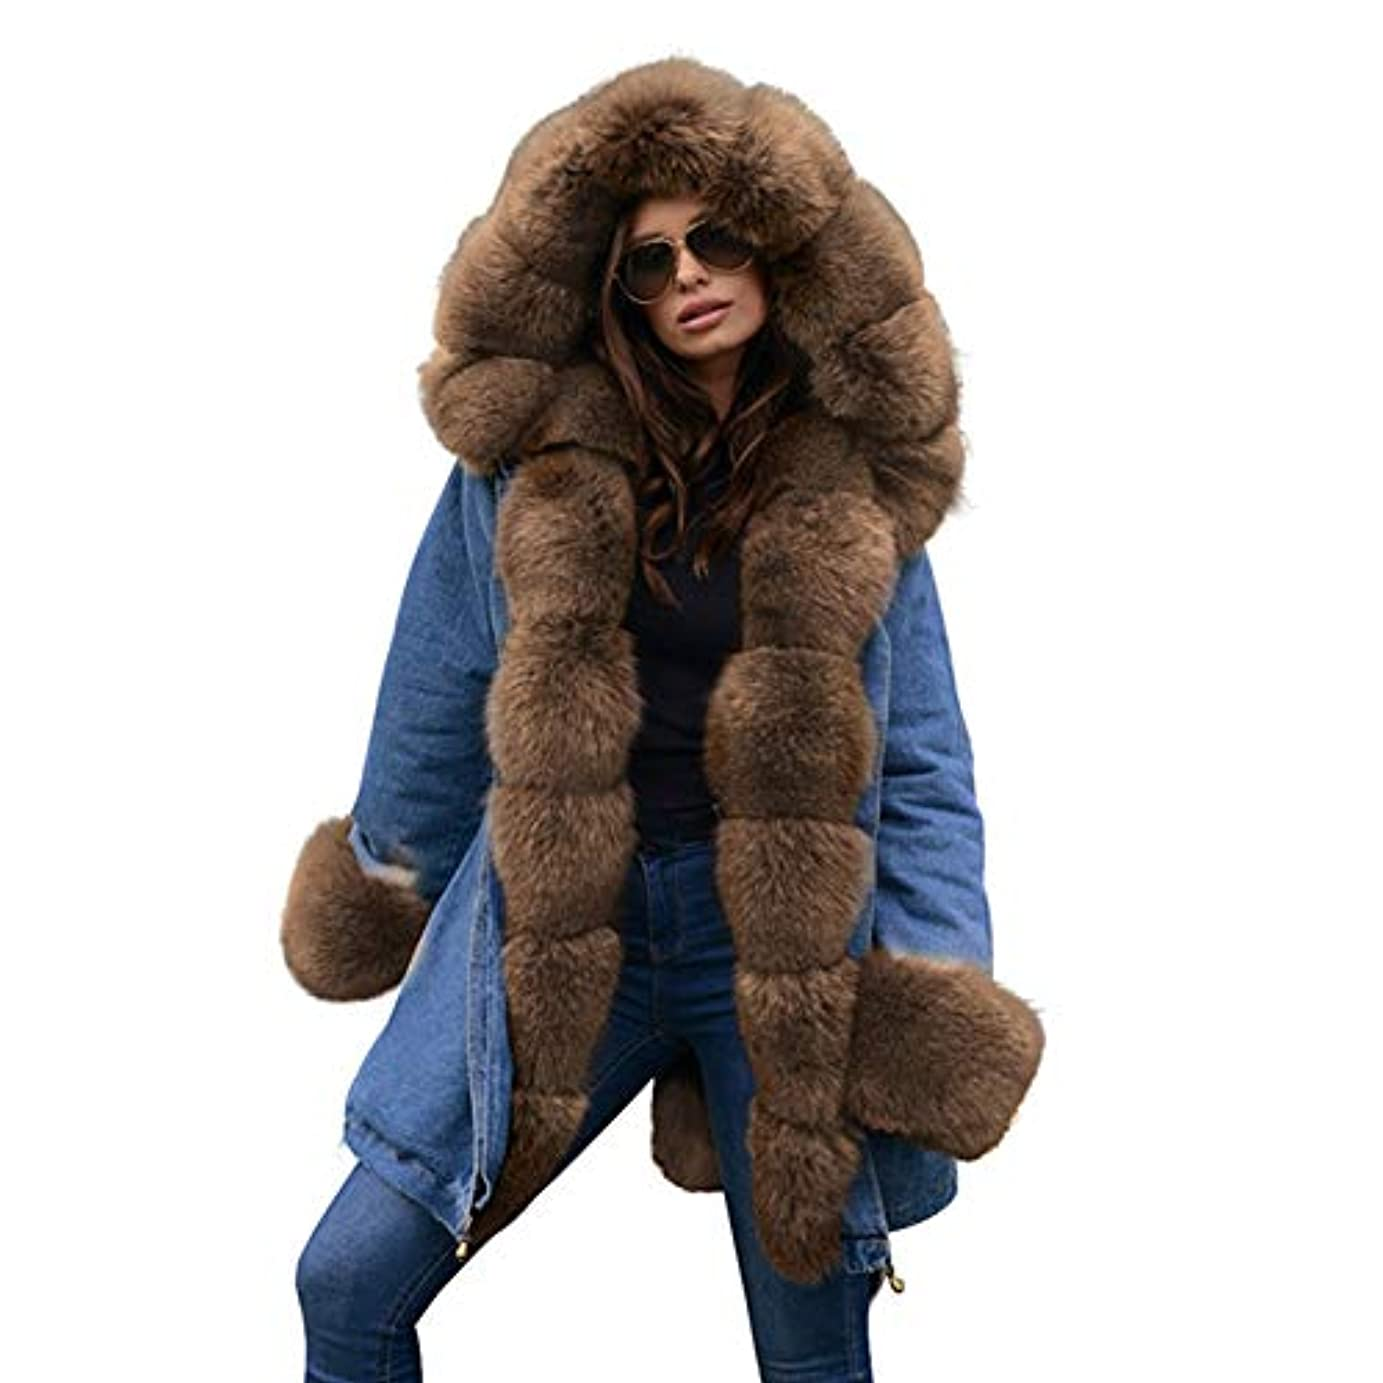 リングバック配分持続的厚手フード付きジャケット女性ウィンターフェイクファーカラーコートコットンパットオーバーコートロングコートパーカスパーカ,S